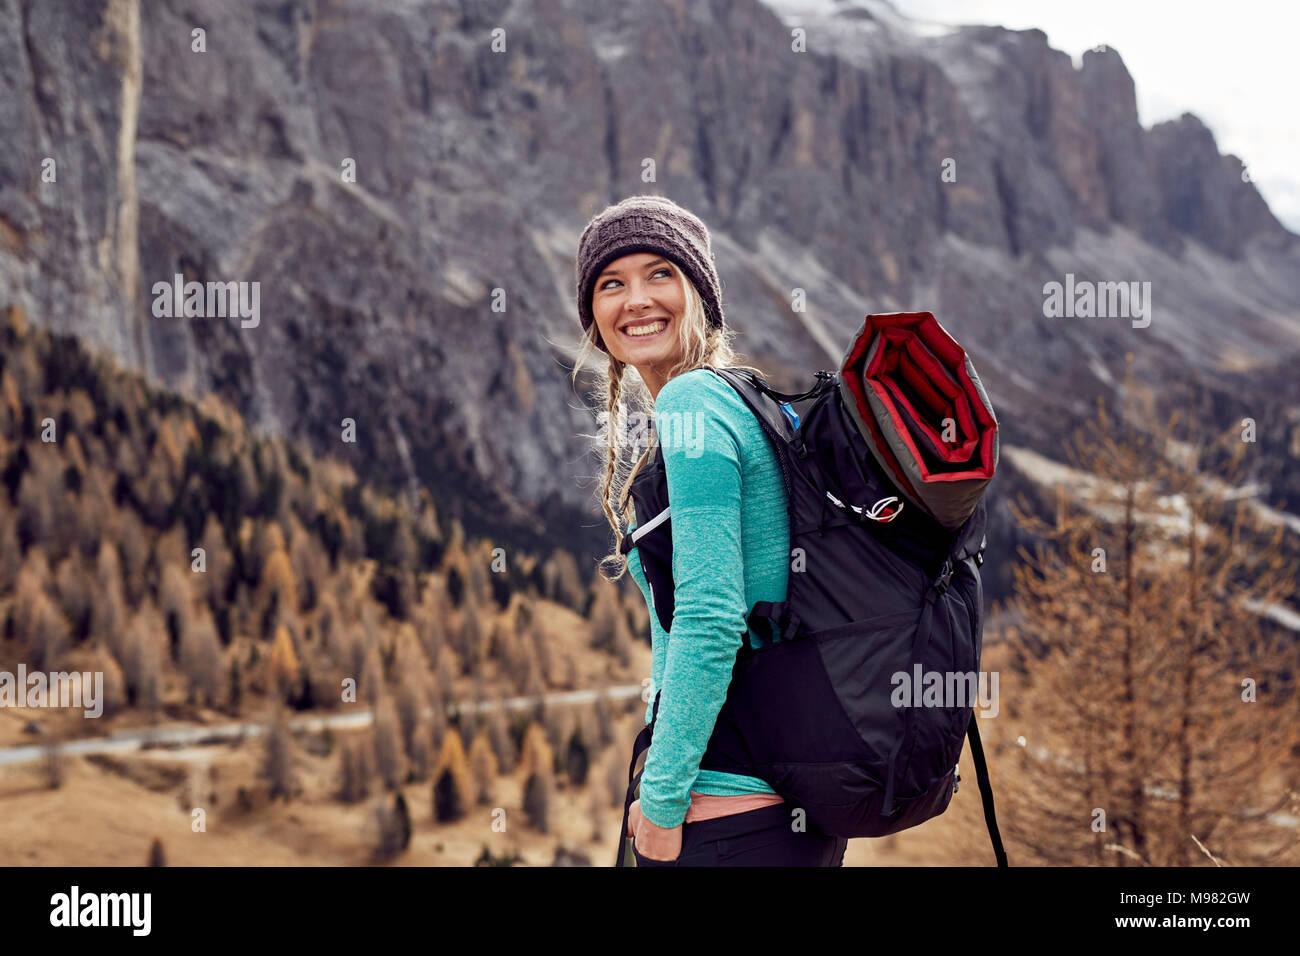 Retrato de mujer joven feliz senderismo en las montañas Foto de stock